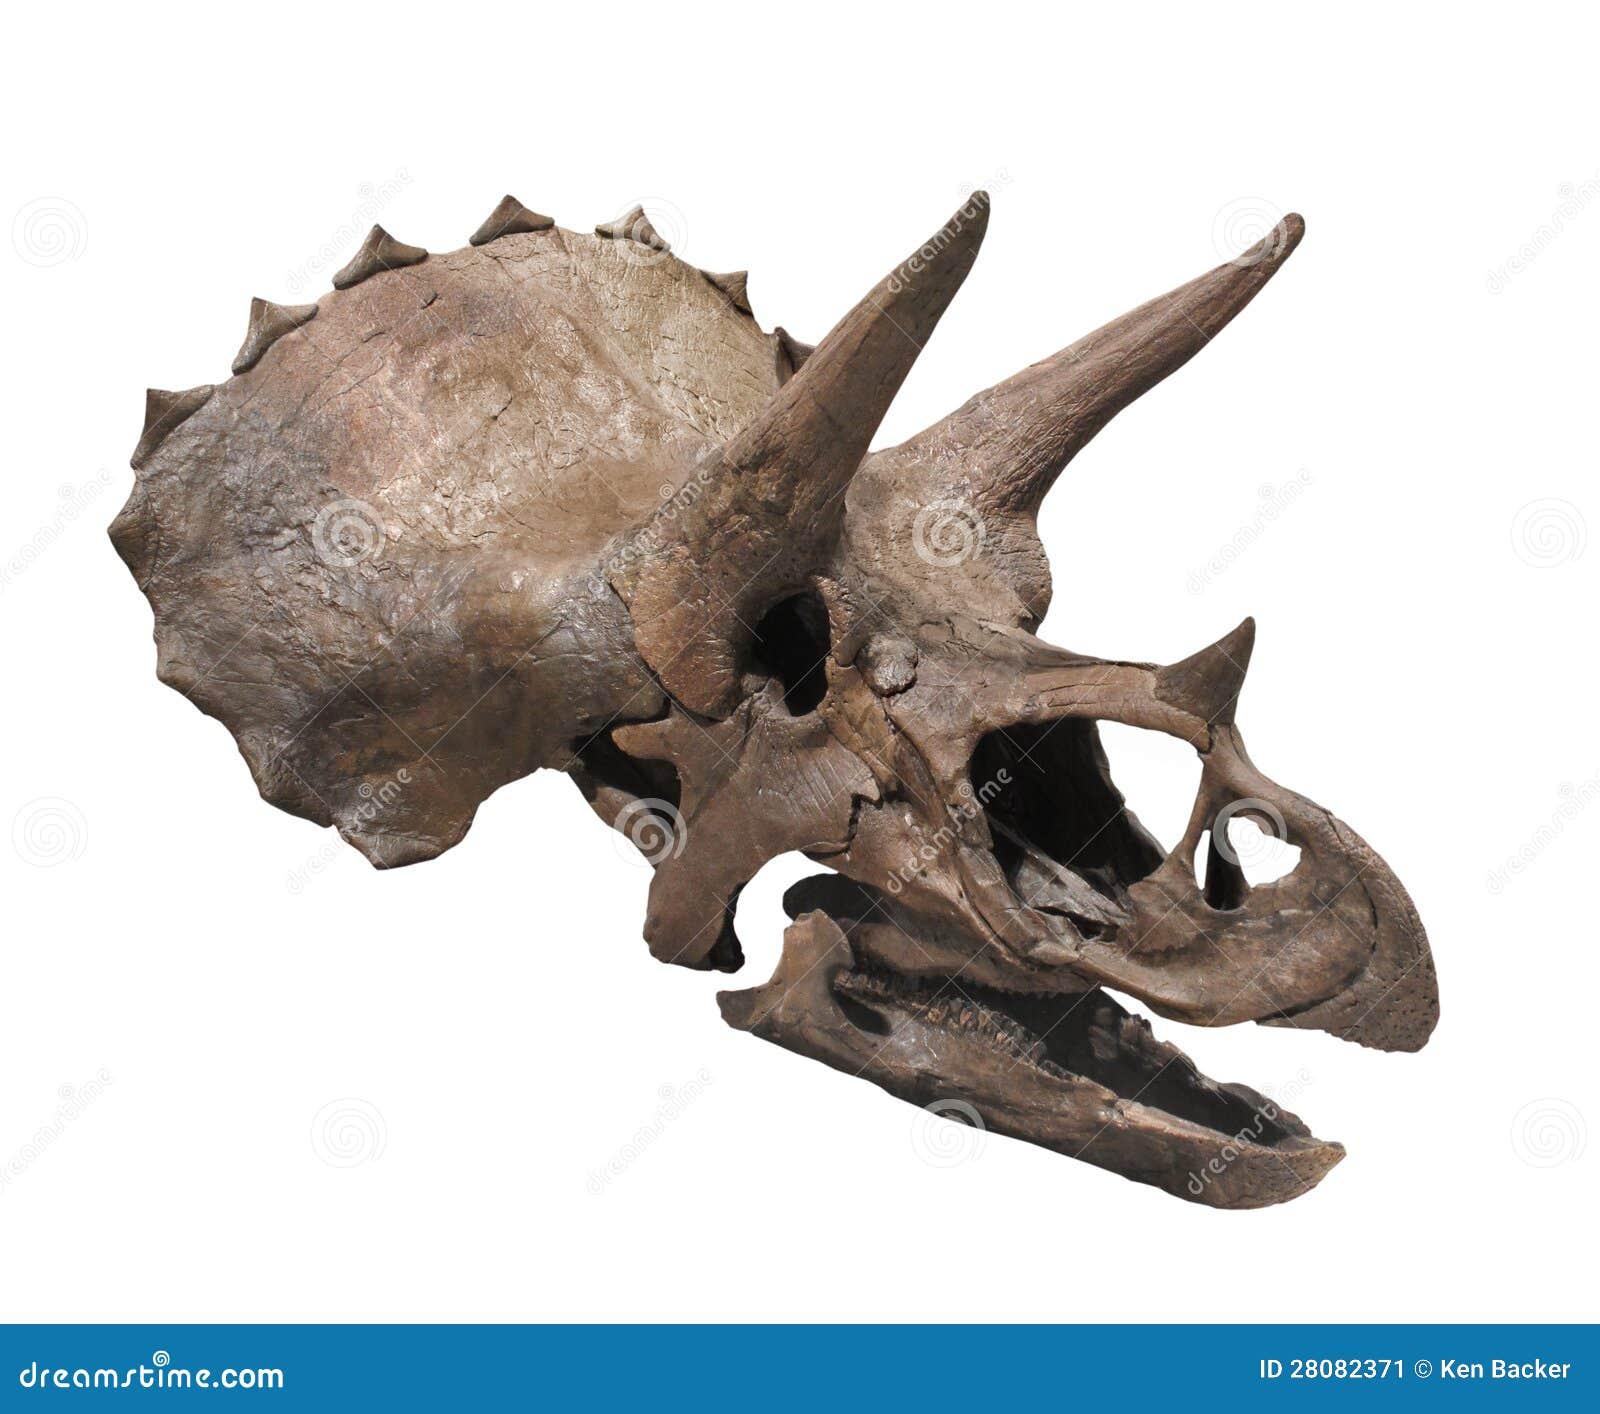 Cranio fossile di un dinosauro del triceratopo. Isolato su bianco.